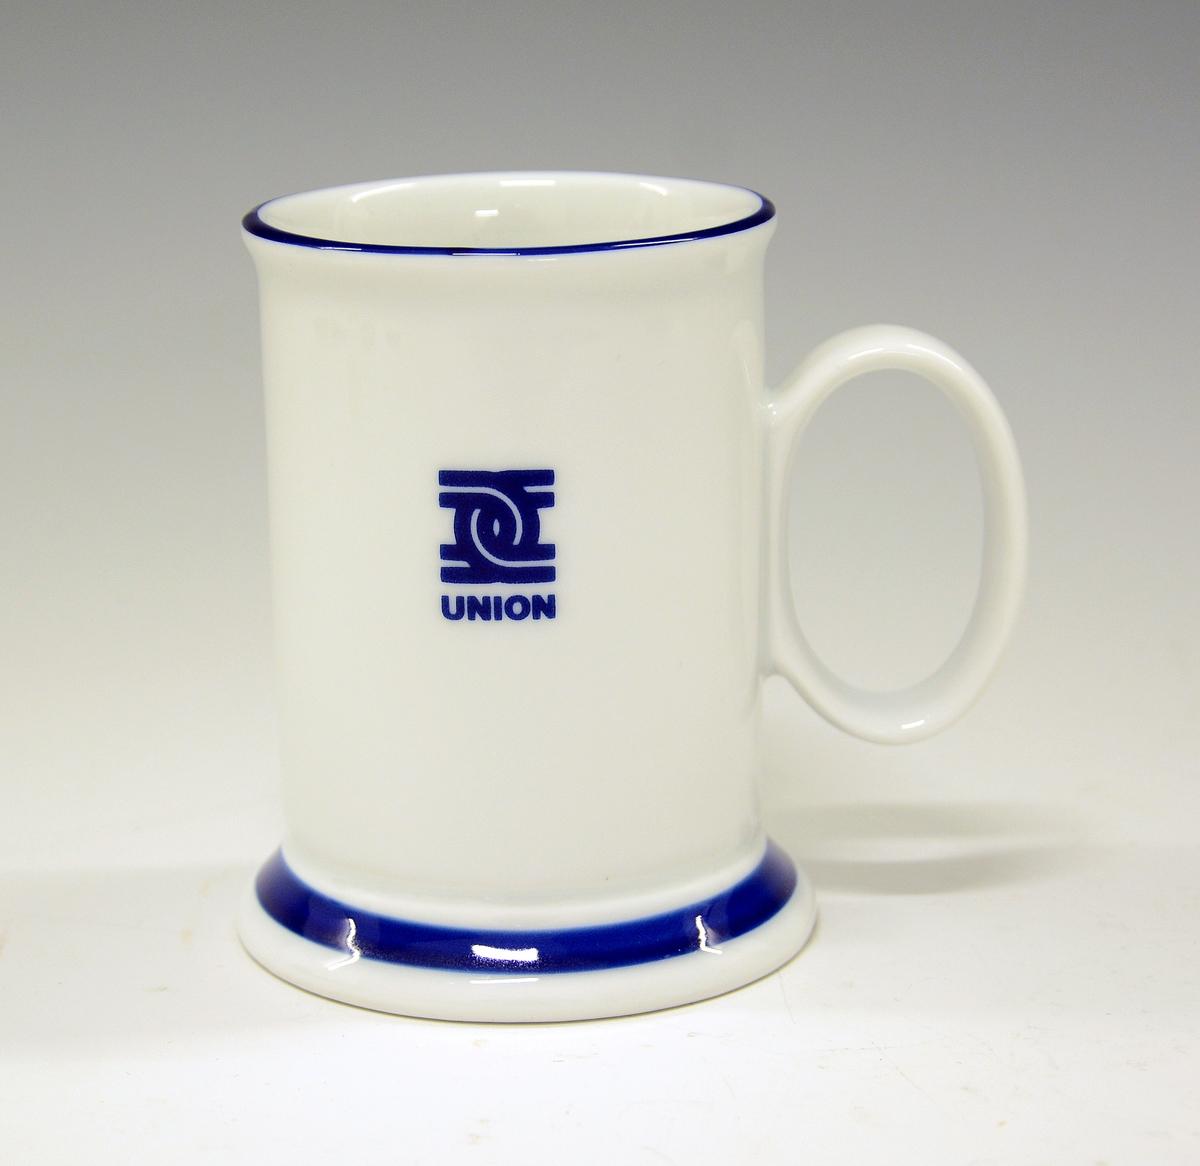 Krus i porselen. Med støpt fot. Hvit glasur. Blå kanter og logoen til papirfabrikken Union, Skien. Modell av Eystein Sandnes.